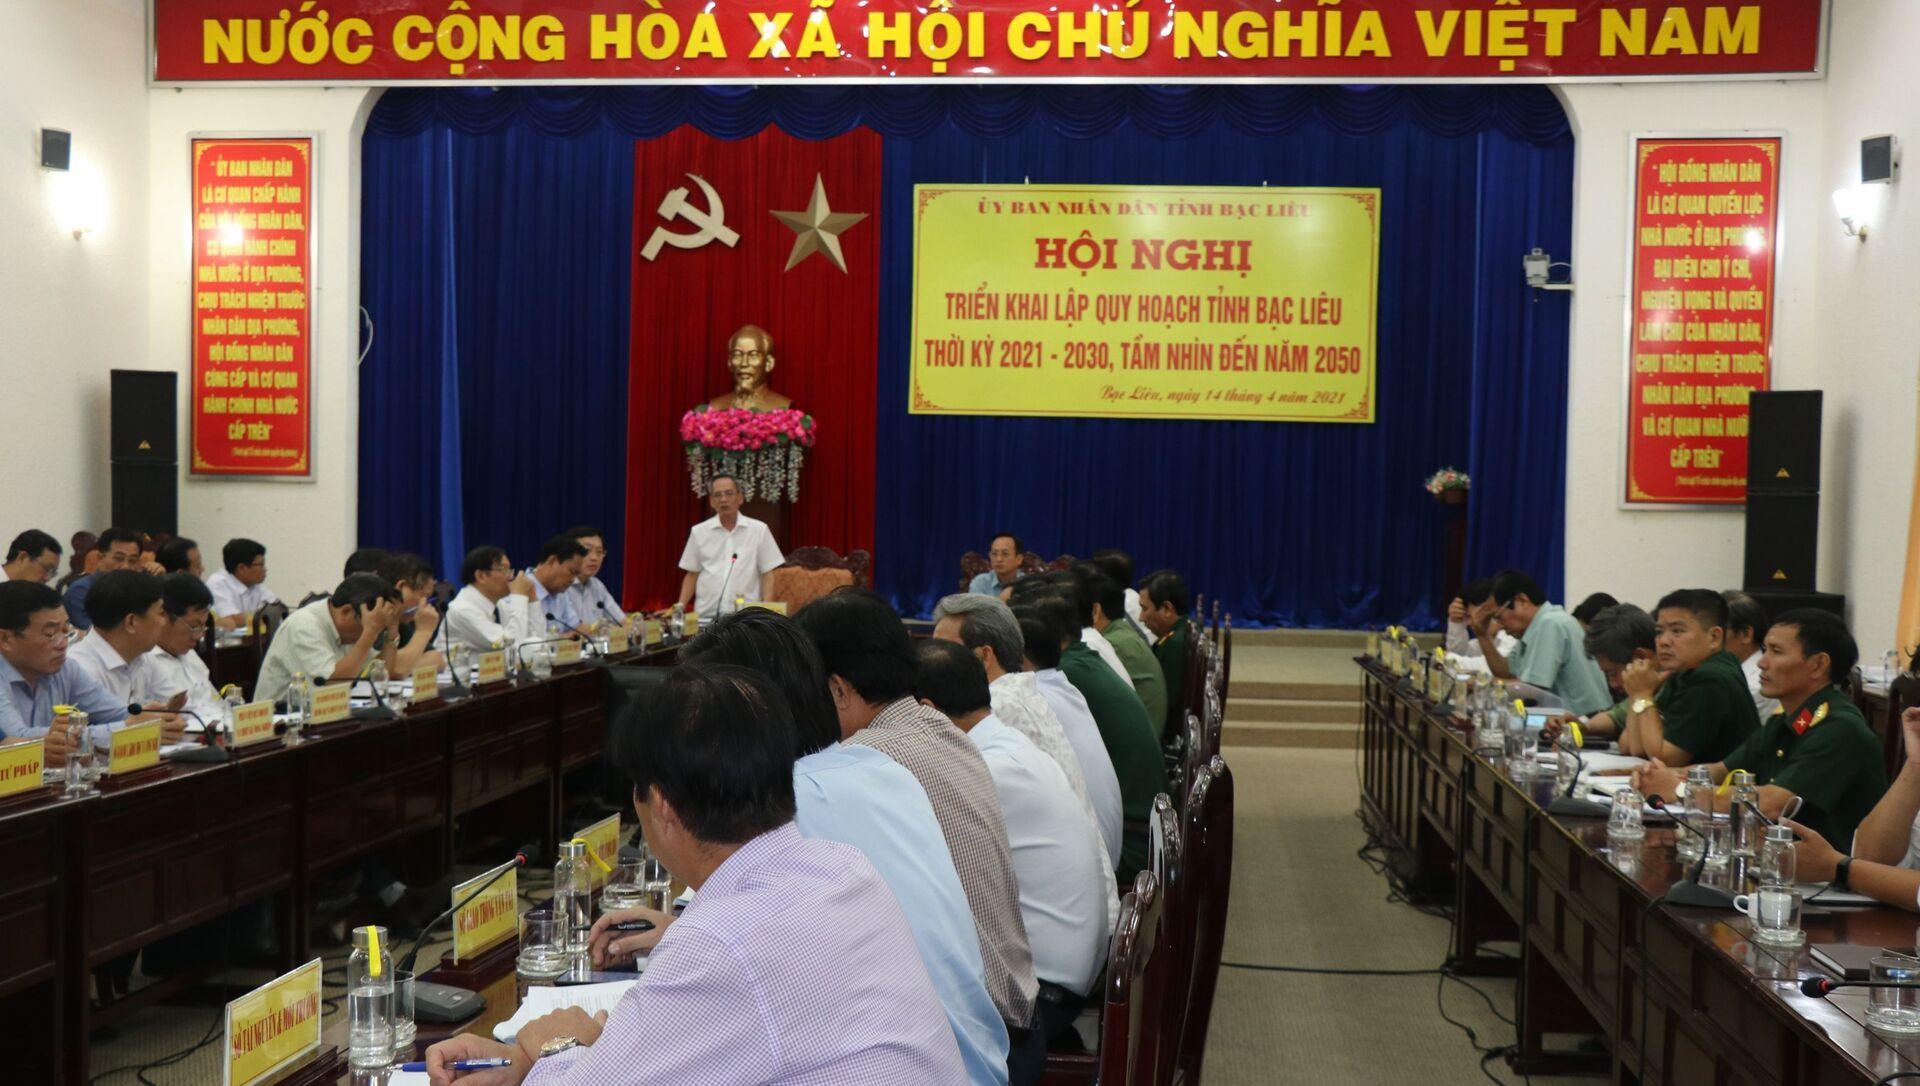 Quang cảnh Hội nghị UBND tỉnh Bạc Liêu - Sputnik Việt Nam, 1920, 15.04.2021